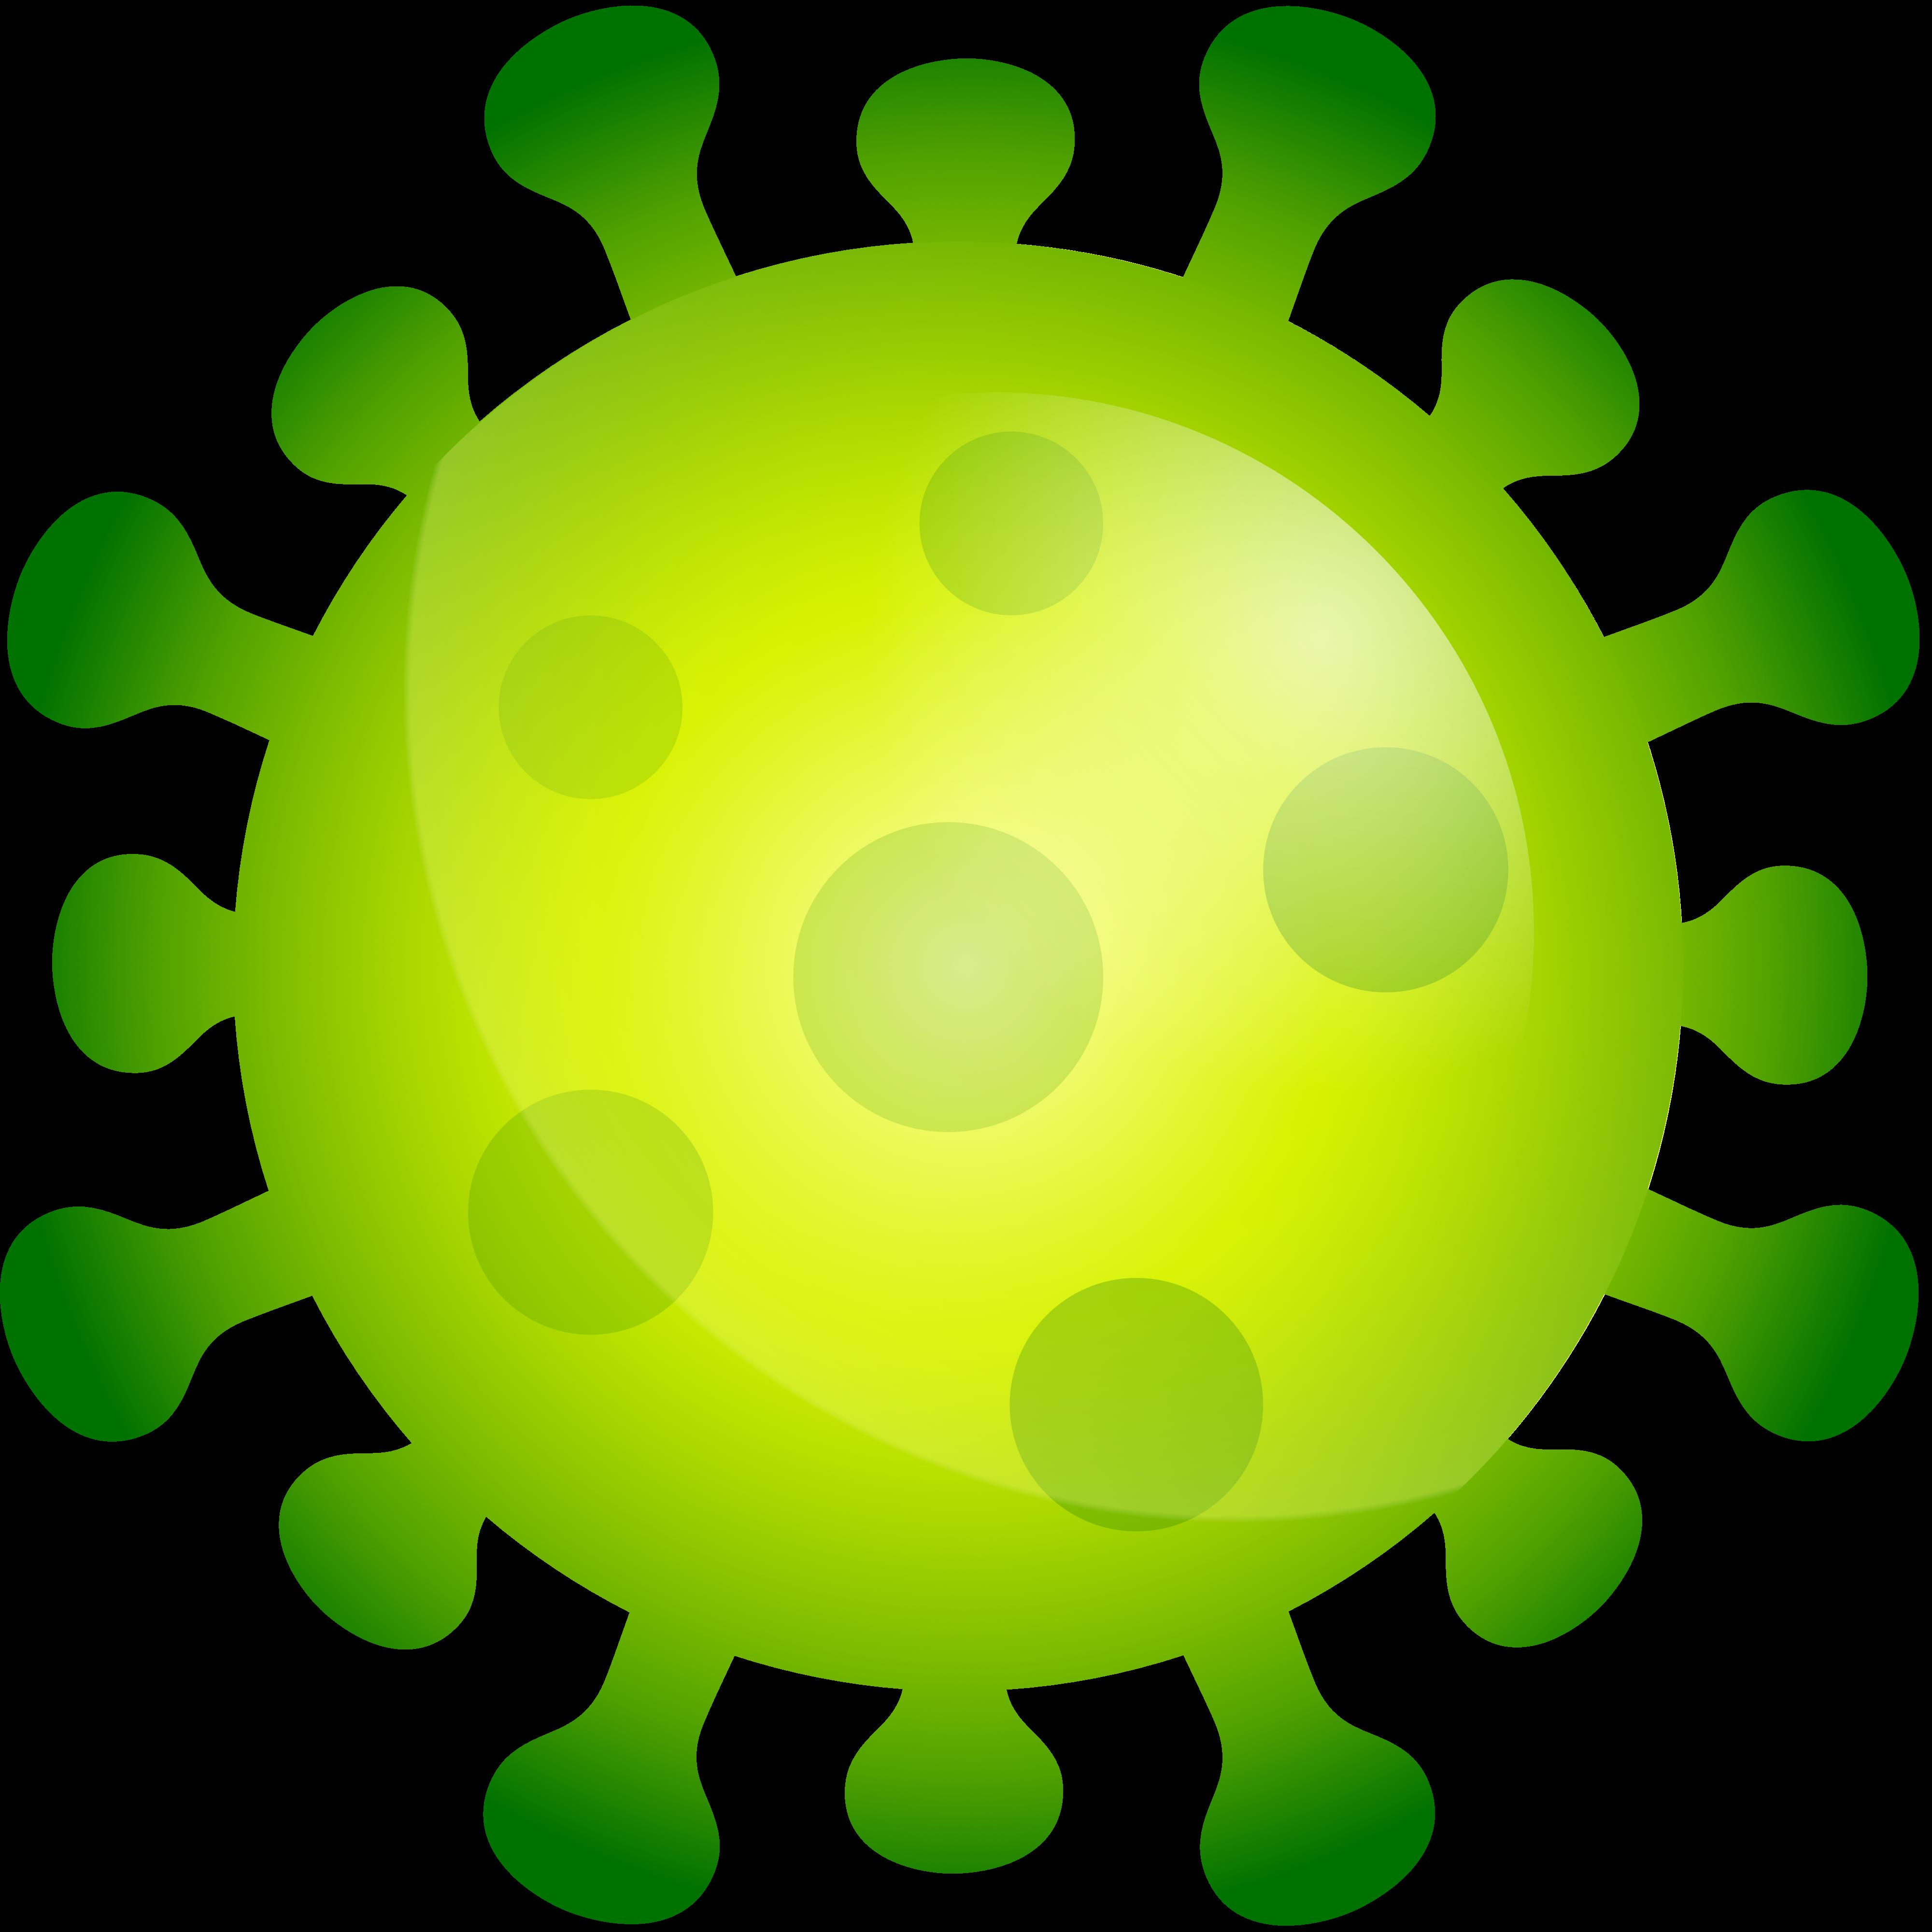 Gratis Download von iXimus.de: Corona-Virus, Icon, 3D, grün, Symbolbild, freigestellt, #000314